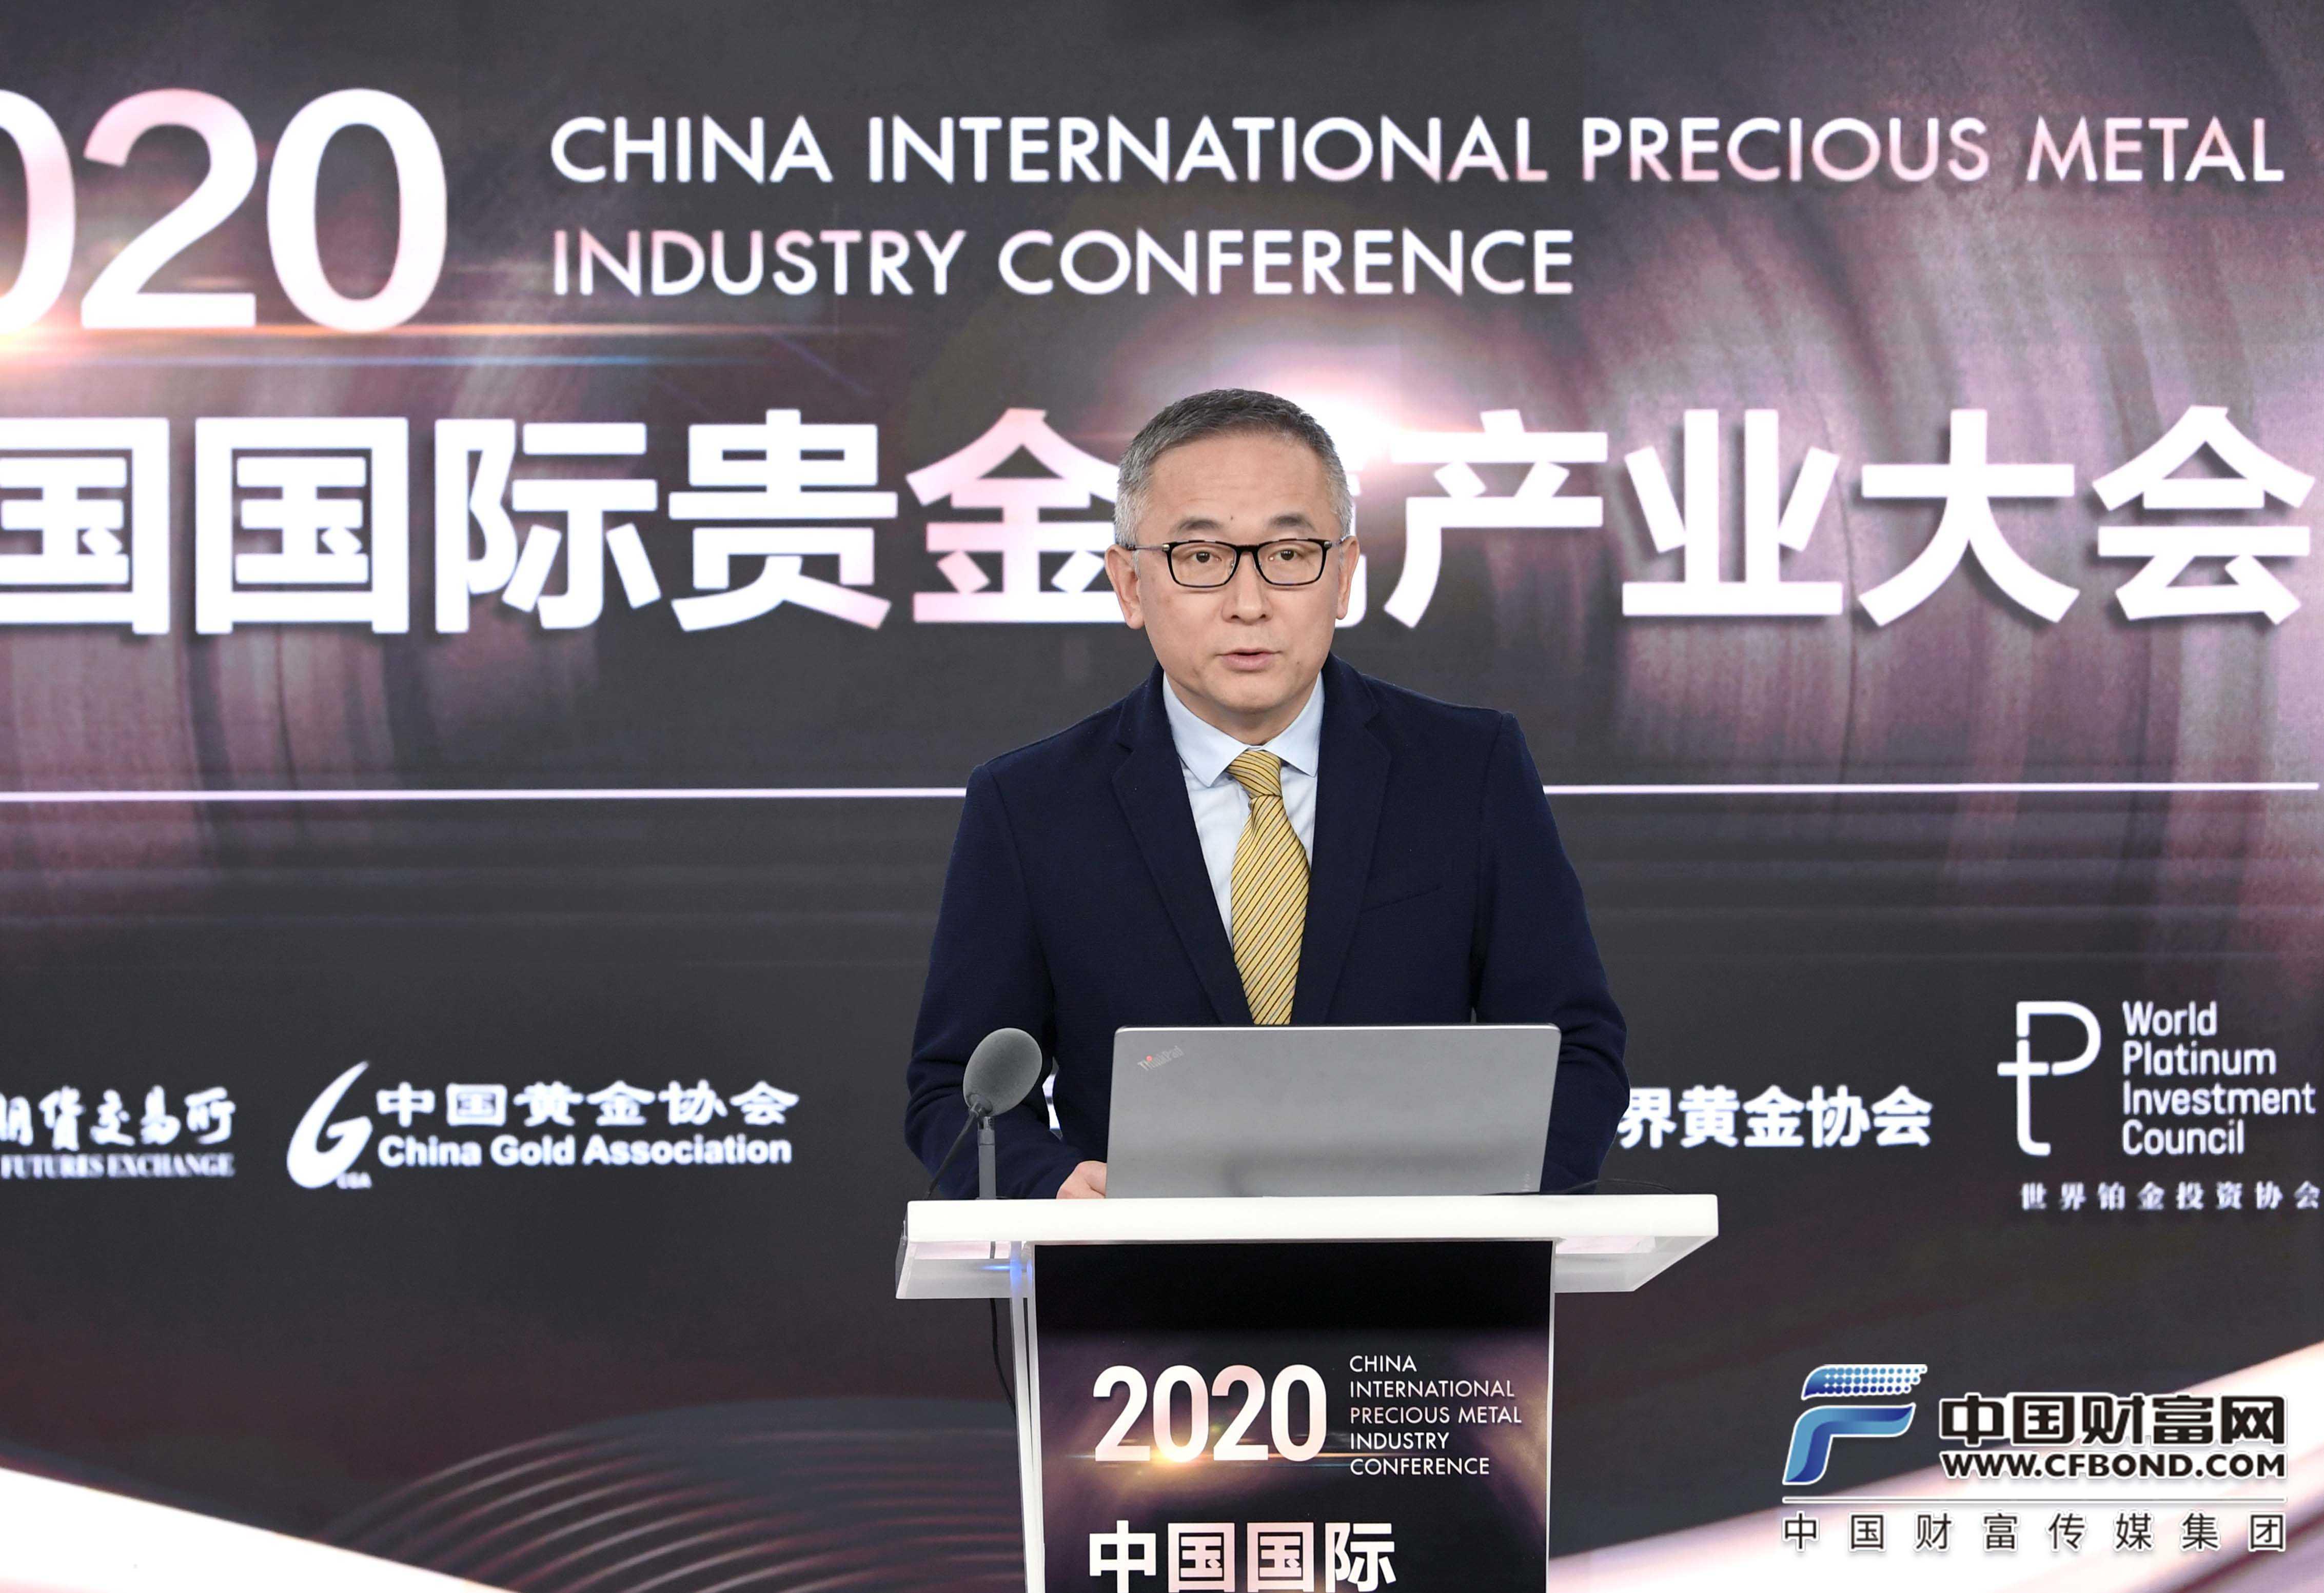 世界黄金协会中国董事总经理王立新致辞